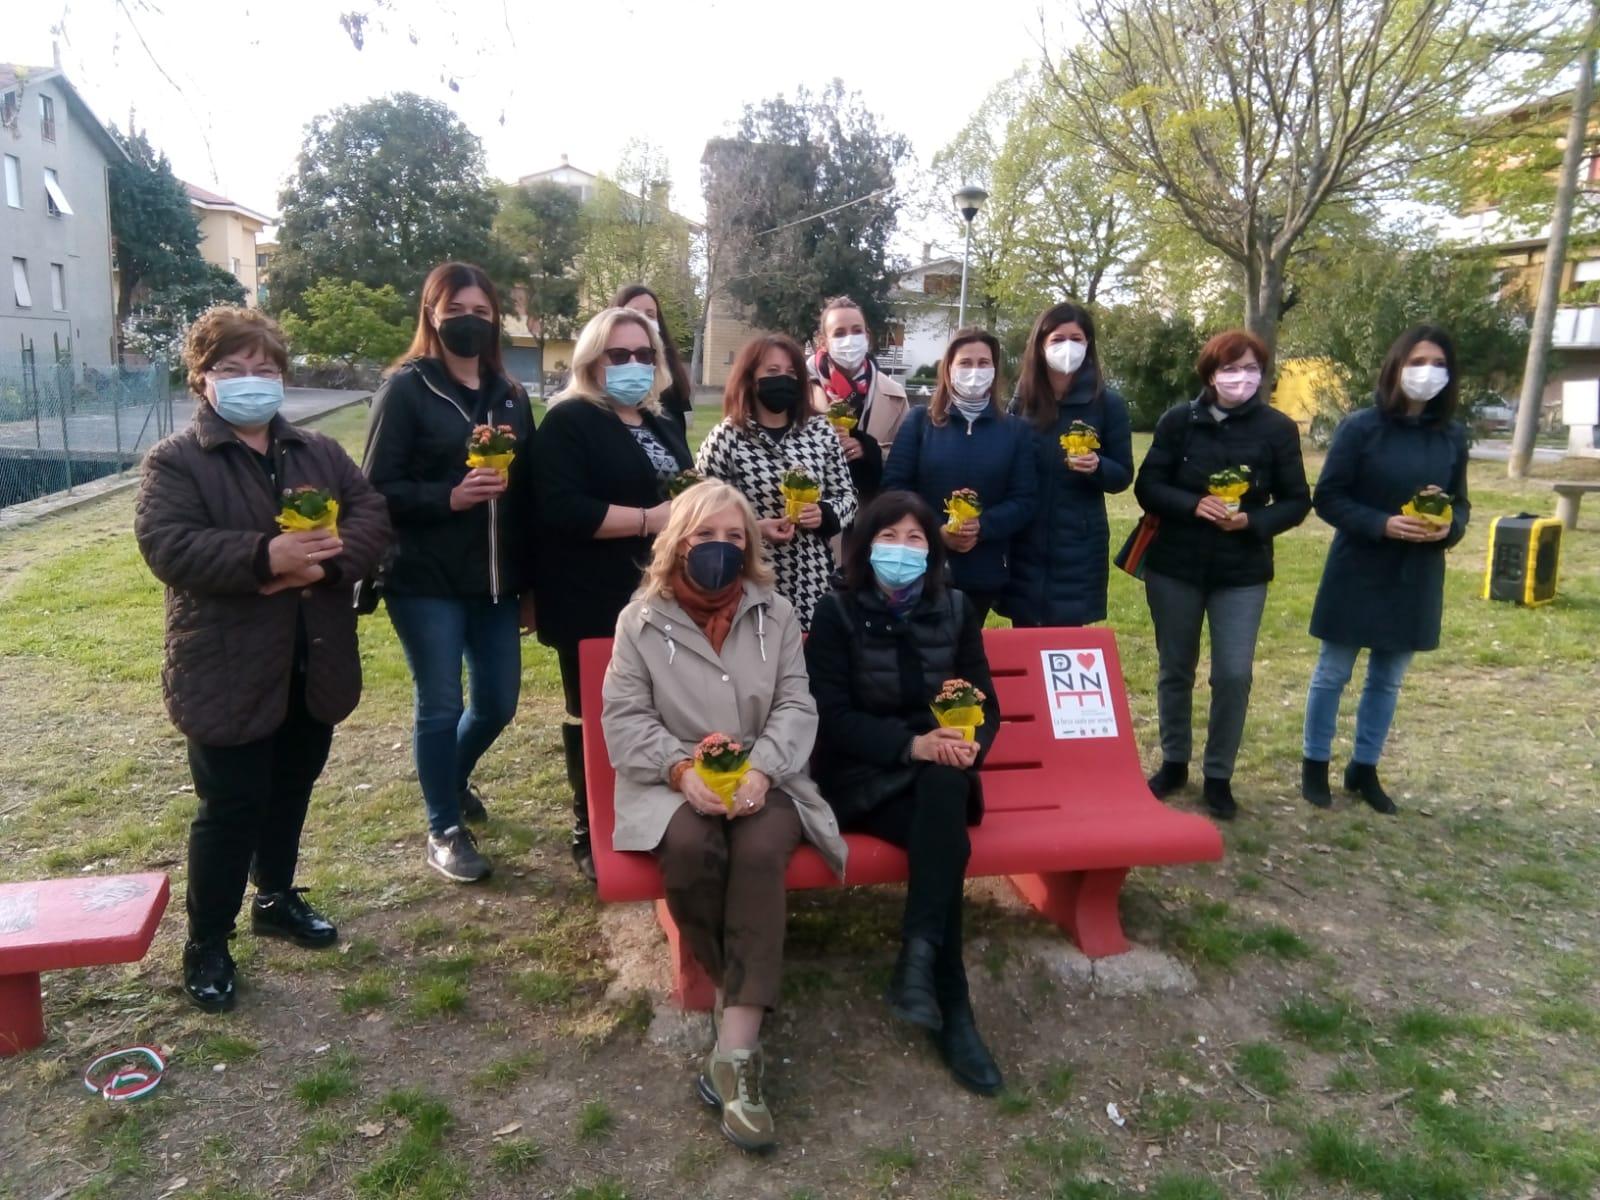 Donne associazione Villa C'è attorno e sedute nella panchina rossa